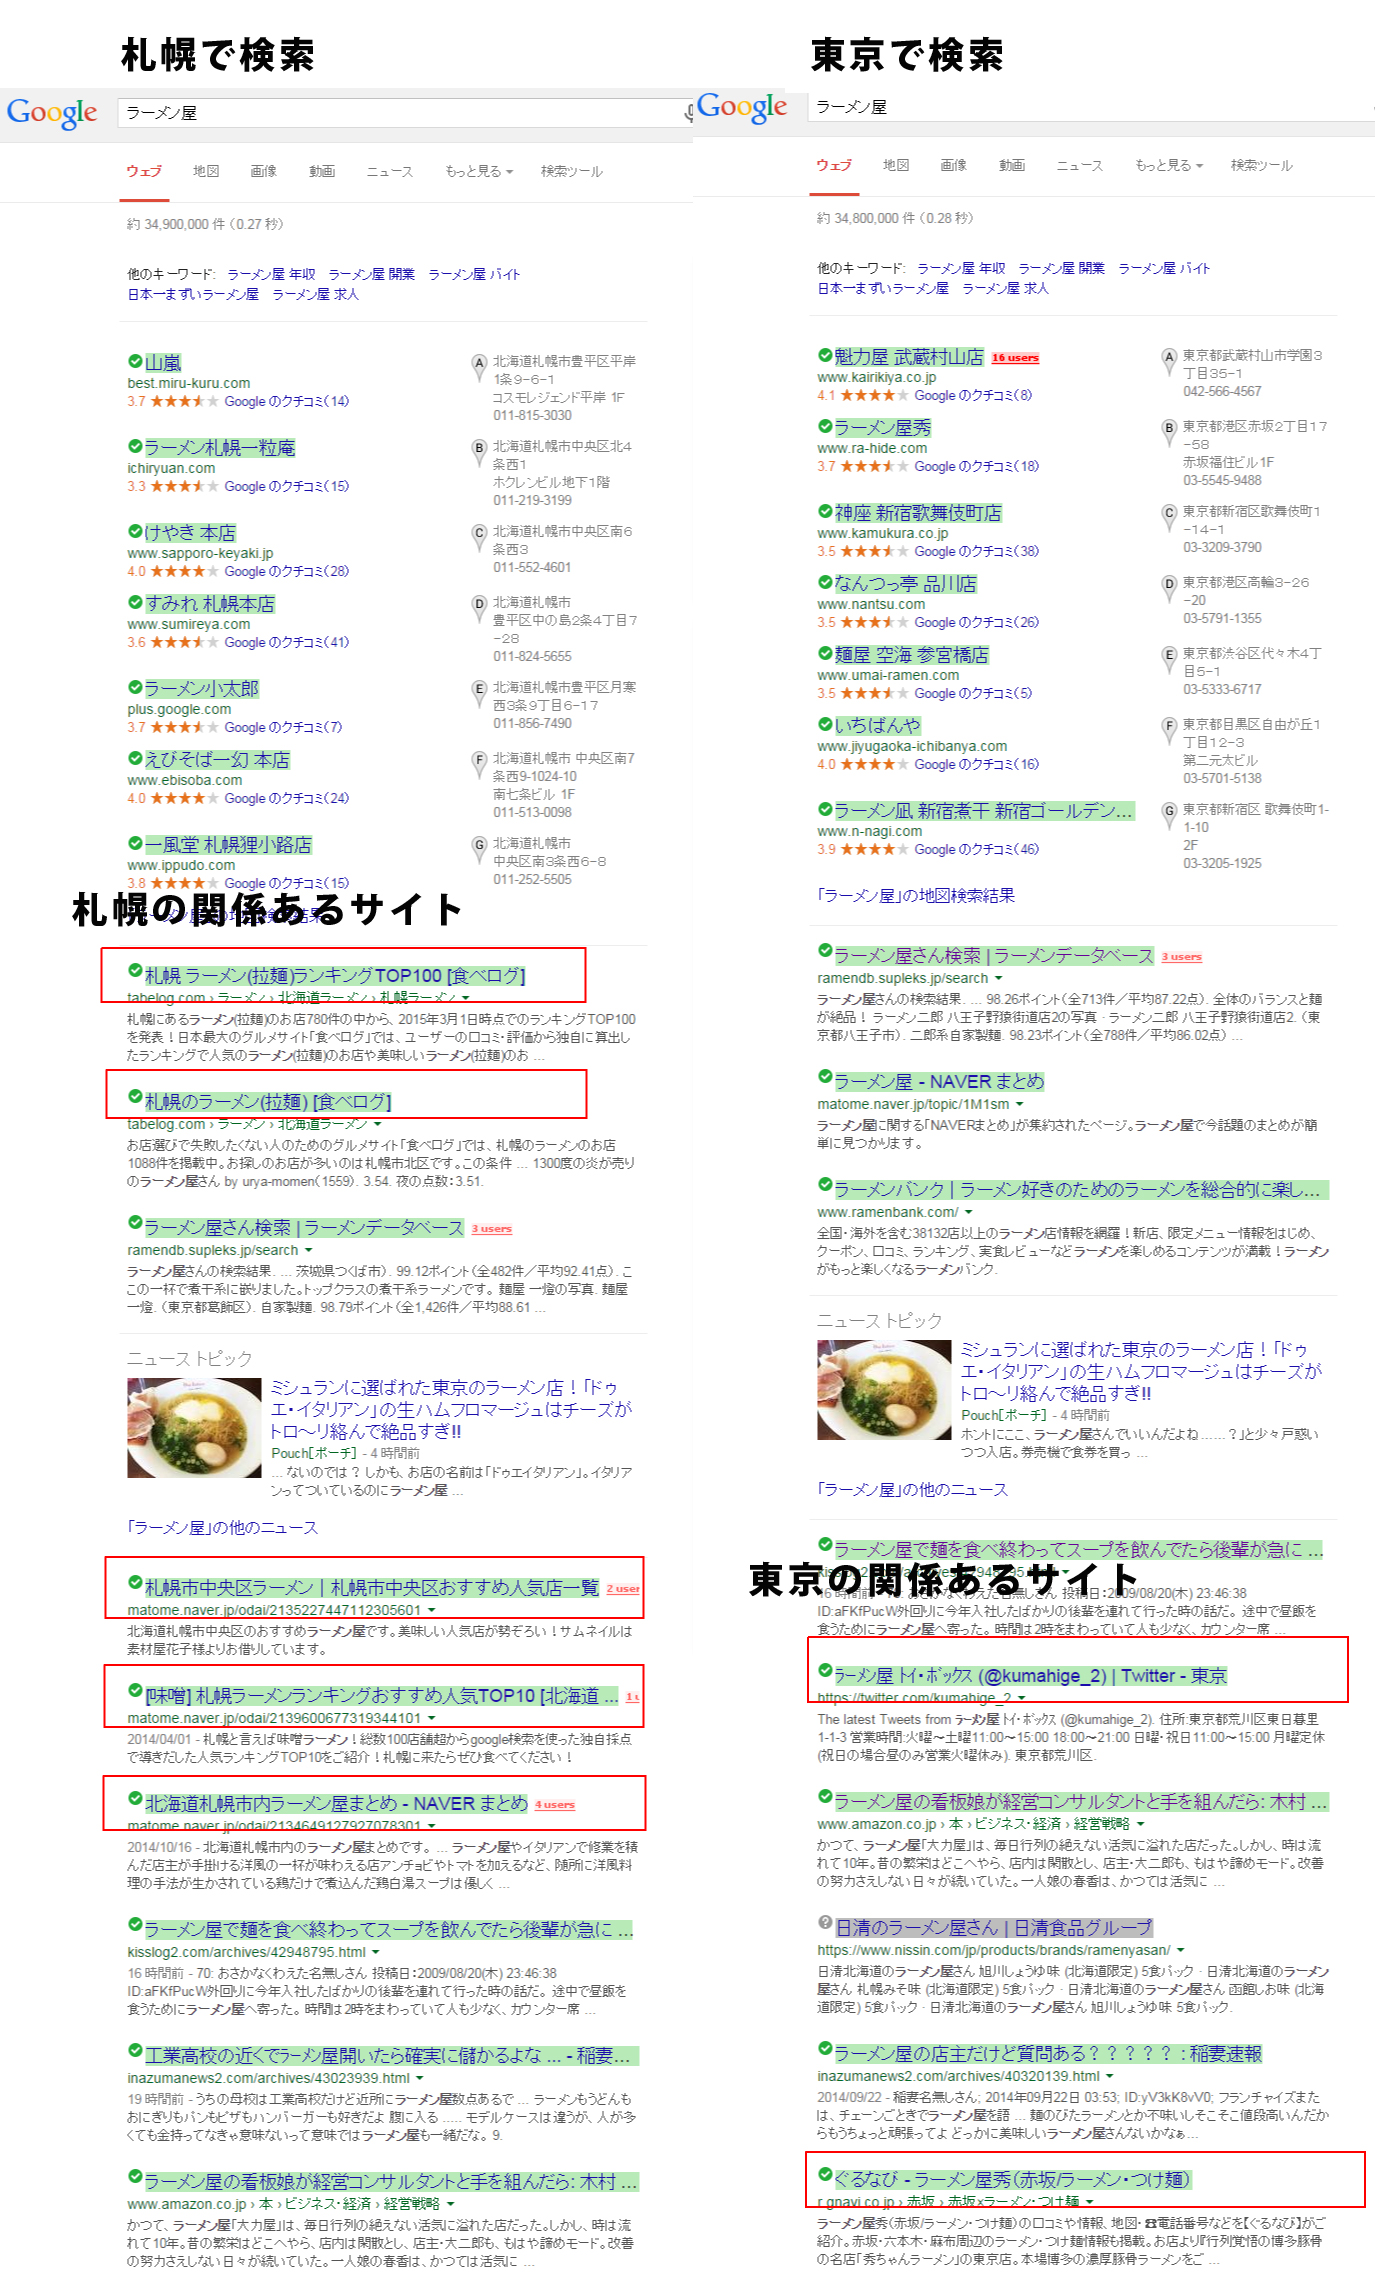 ラーメン屋-での札幌・東京の検索順位